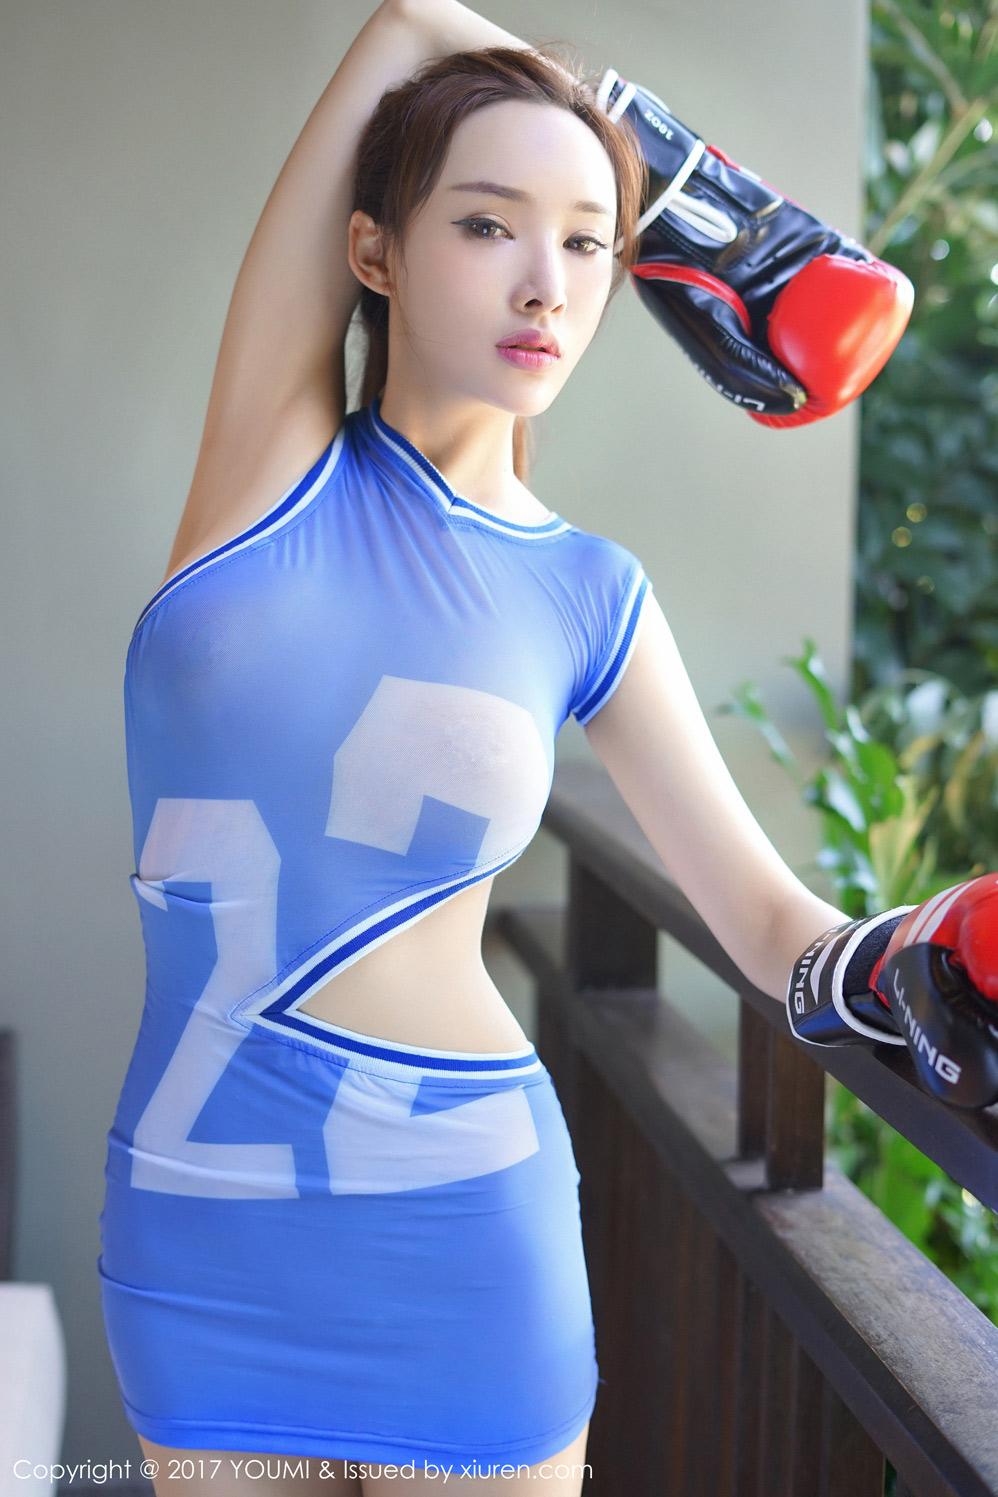 拳击少女土肥圆矮矬穷身姿傲